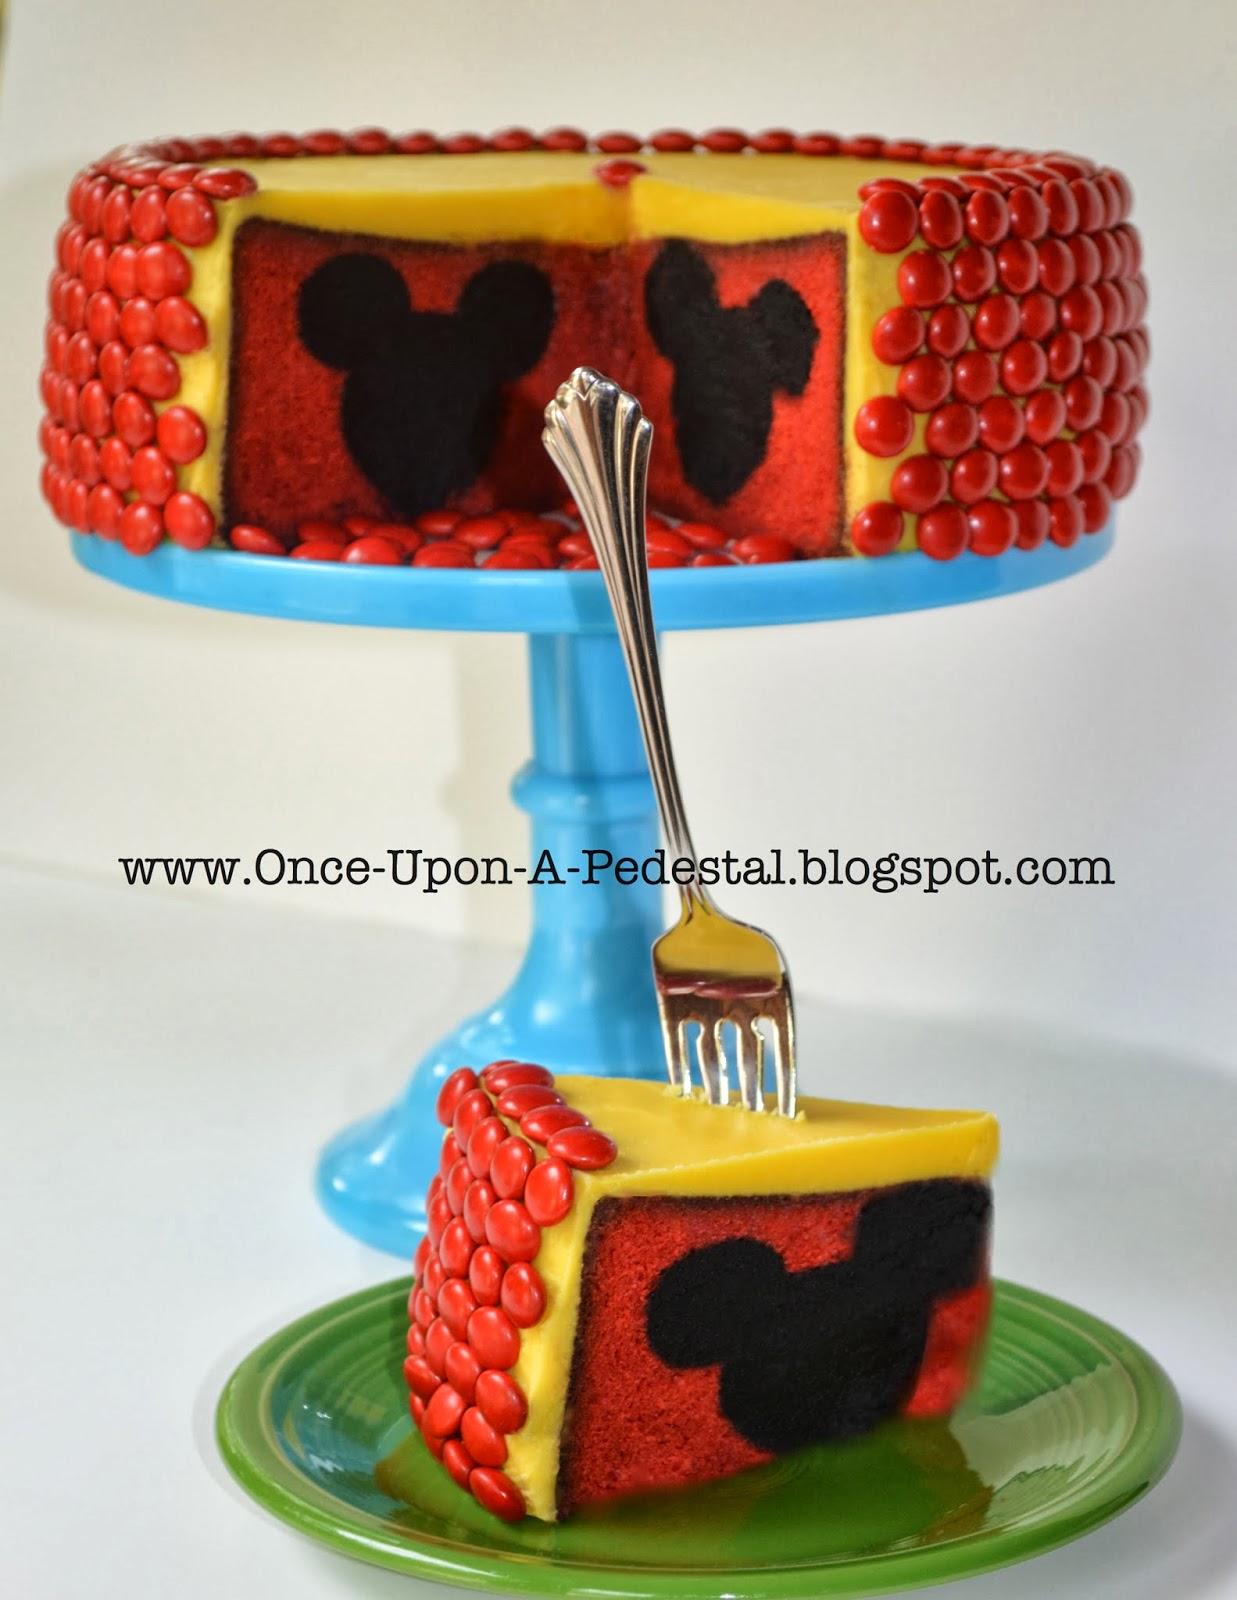 Hidden Design Cake Ideas : Once Upon A Pedestal: Surprise Inside Cake - Hidden Mickey ...